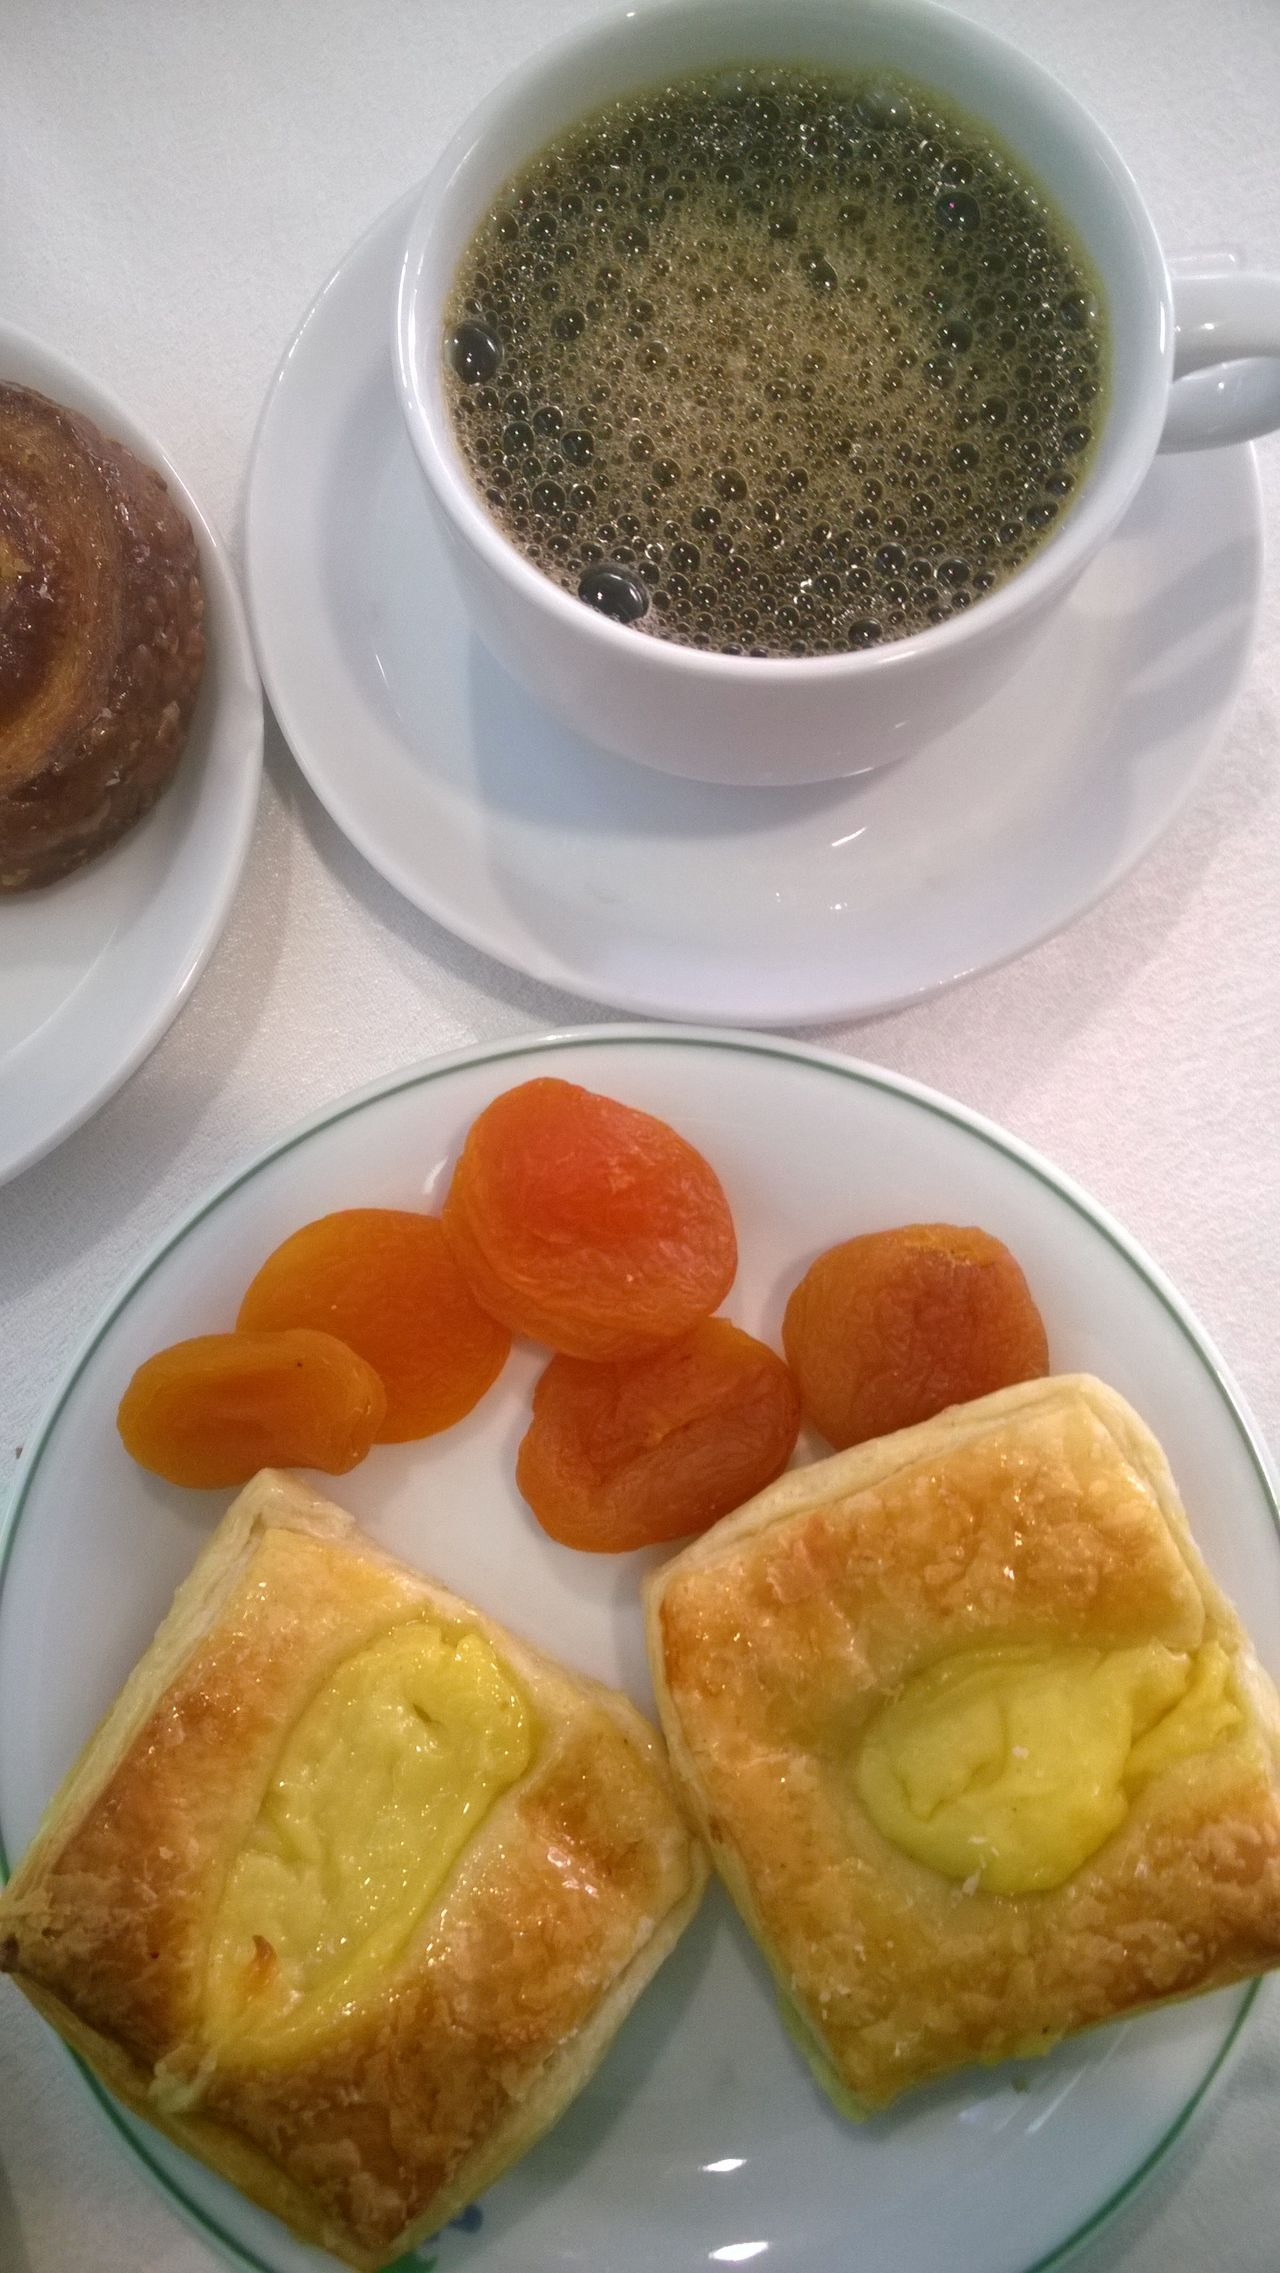 BreakfastTime  Danish Pastry Mediterranean Coffee Sweet Treats  Hotel Breakfast